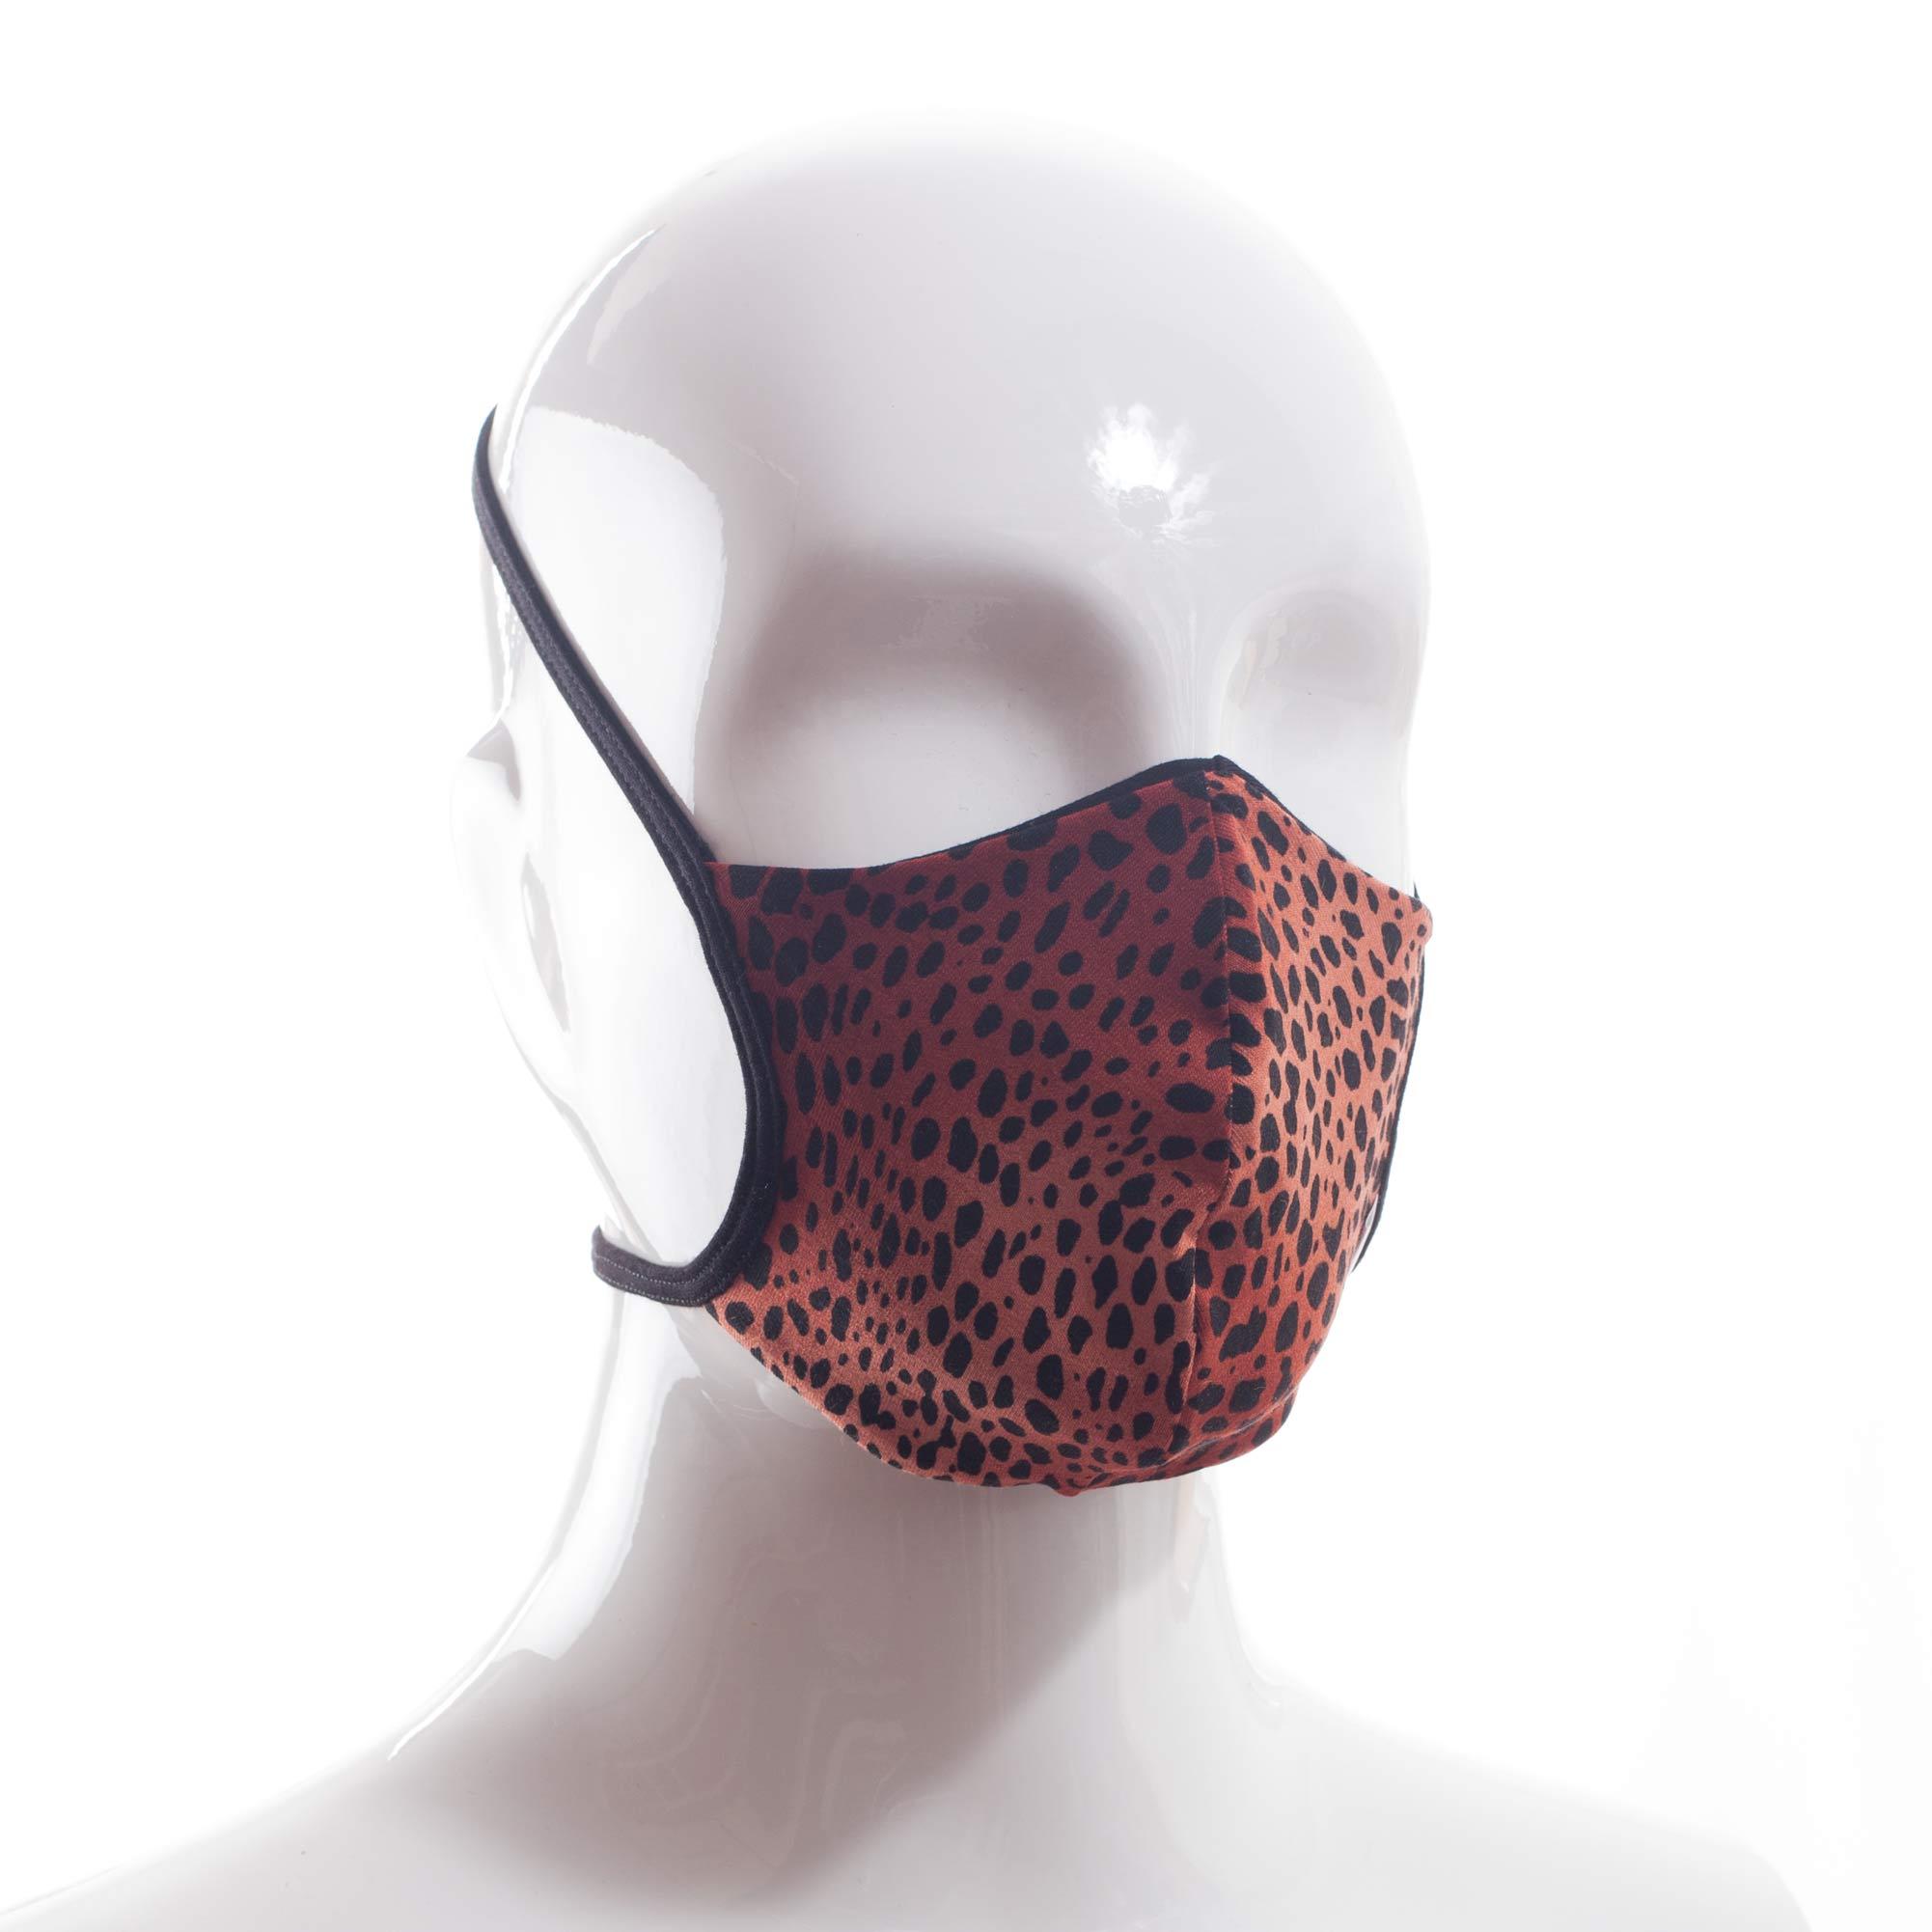 Die Baumwoll-Polyester Mund-Nasen Maske BWPM4Foxdot von der Wonneberger Manufaktur ist eine textile Behelfsmaske, kein zertifizierter Mundschutz.  Sie schützt nur bedingt vor Ansteckung. Ihr eigentlicher Zweck ist es, den Atem des Trägers zu filtern und dadurch seine Umgebung zu schützen.  Daher muss die…